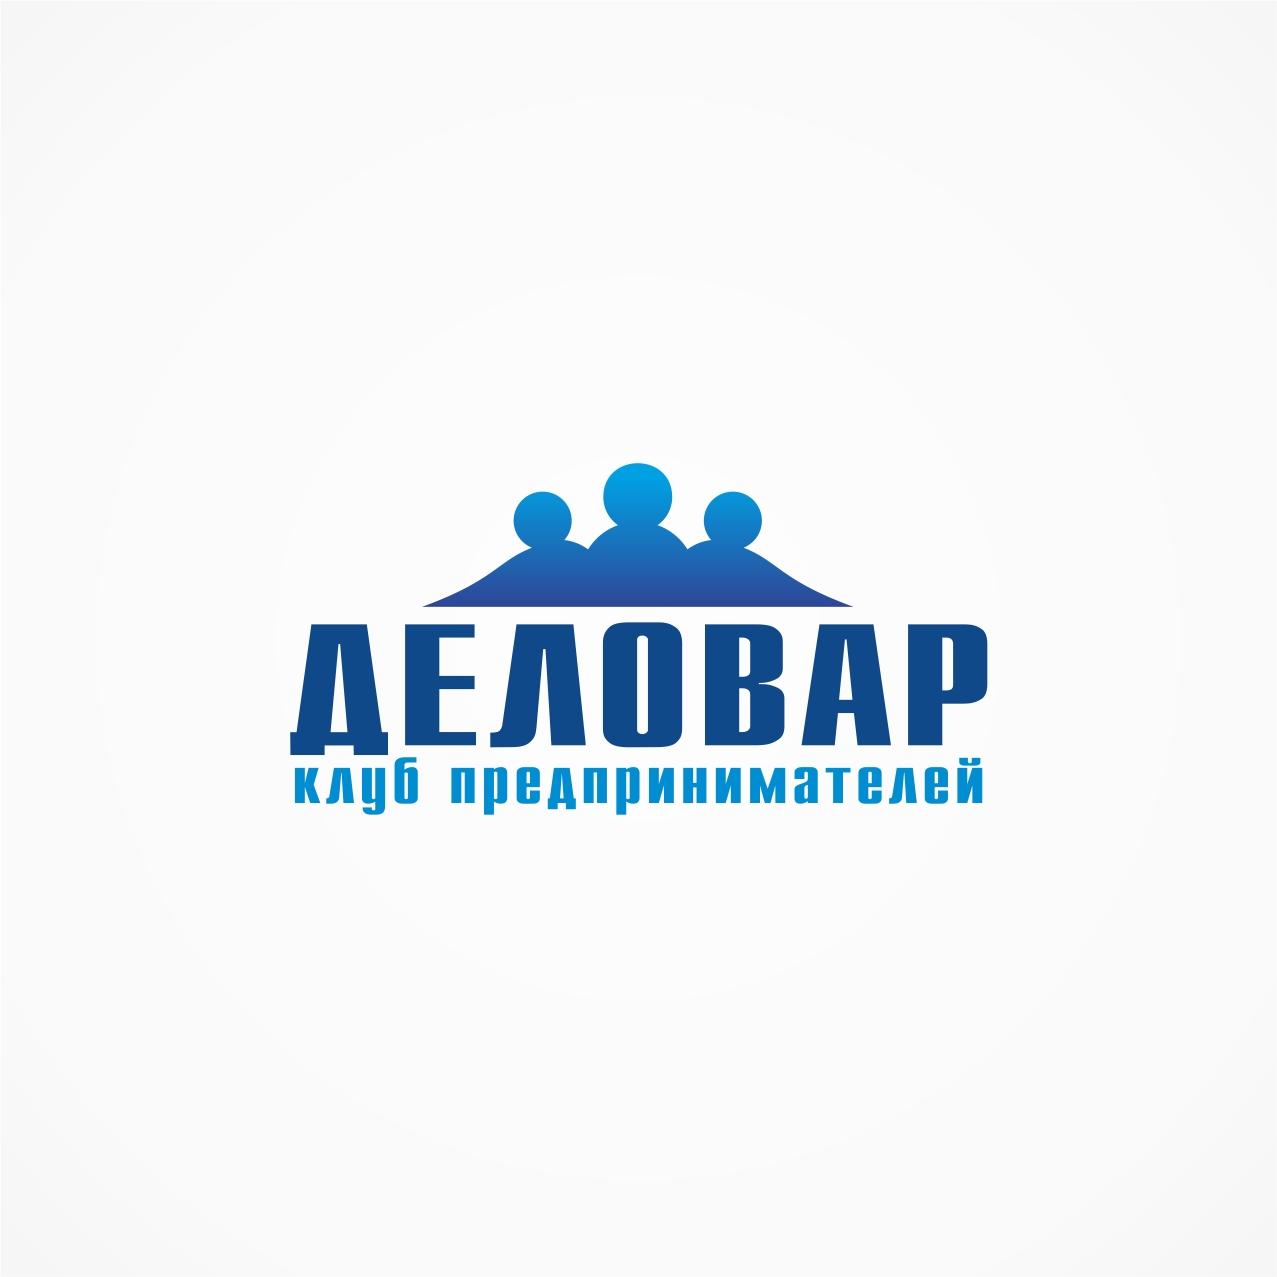 """Логотип и фирм. стиль для Клуба предпринимателей """"Деловар"""" фото f_5045ac626d9c8.jpg"""